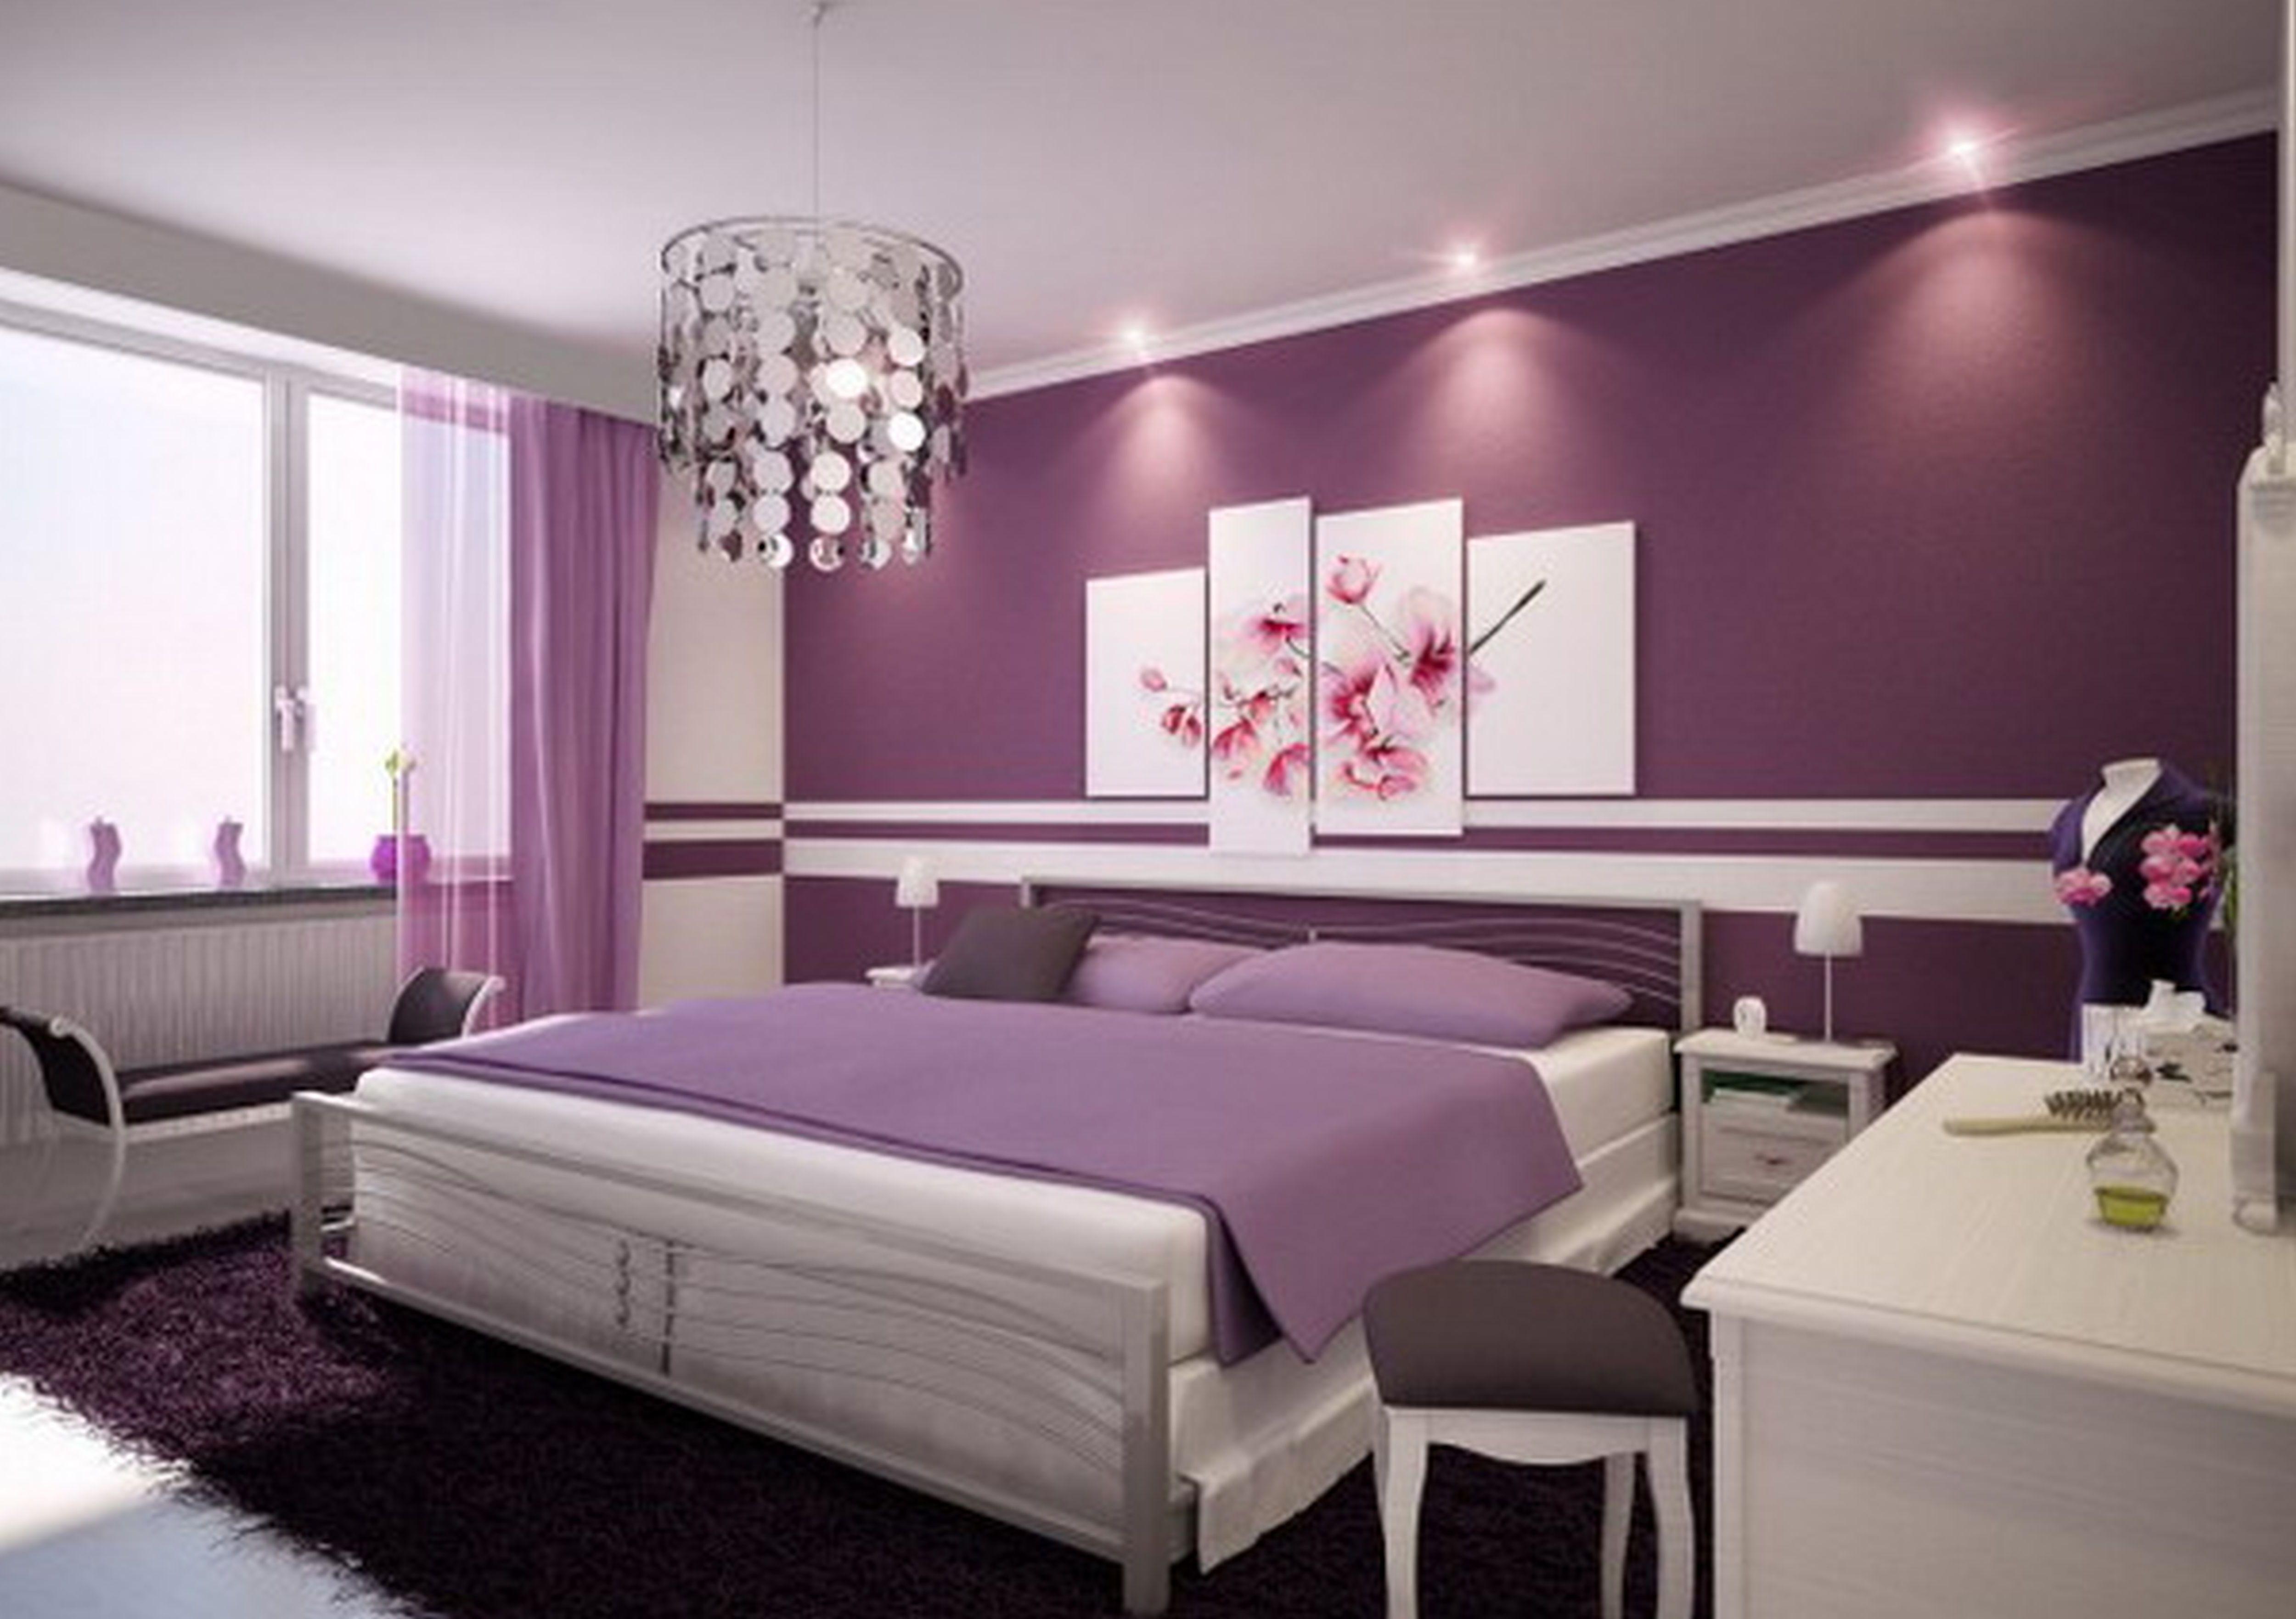 Haus Malerei Designs Und Farben, Die Äußere Zauberstab Malen